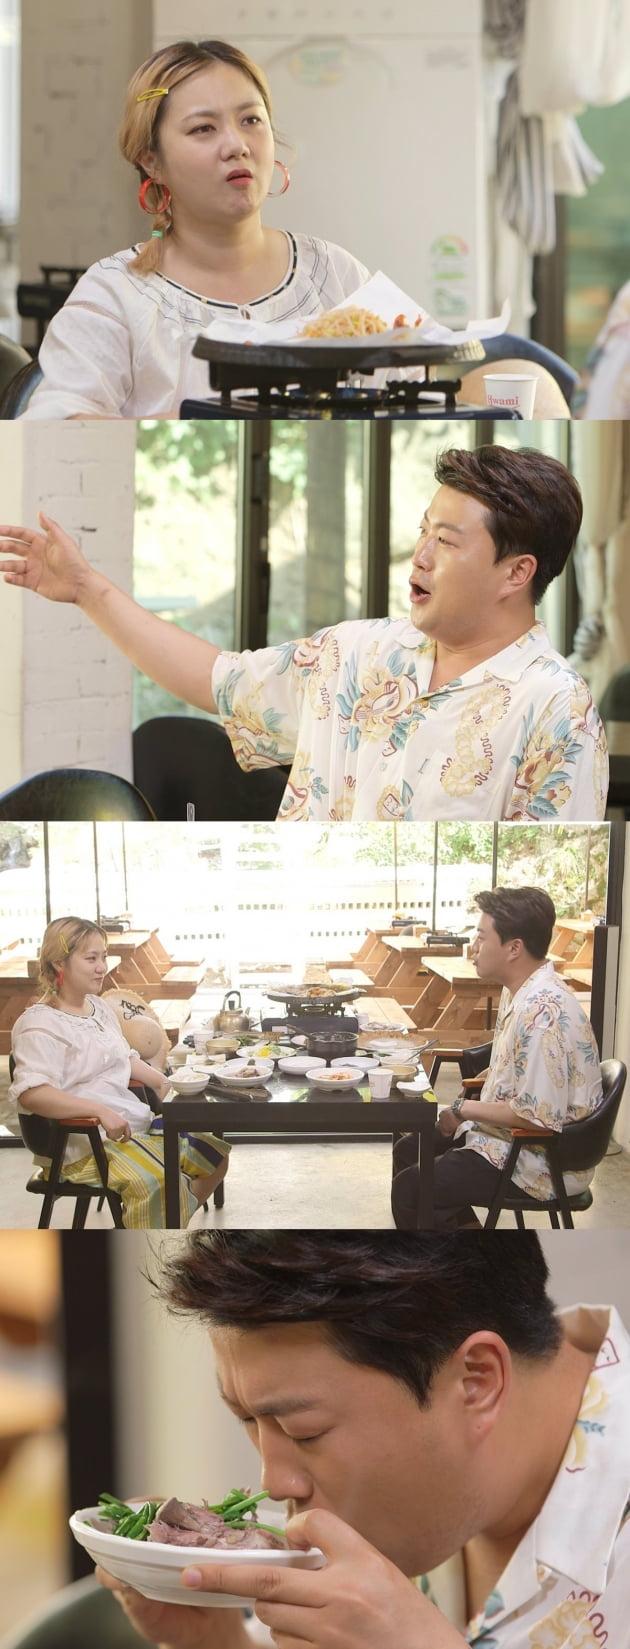 '박장데소' 김호중, 박나래 '손맛' 보더니 다이어트 포기 선언